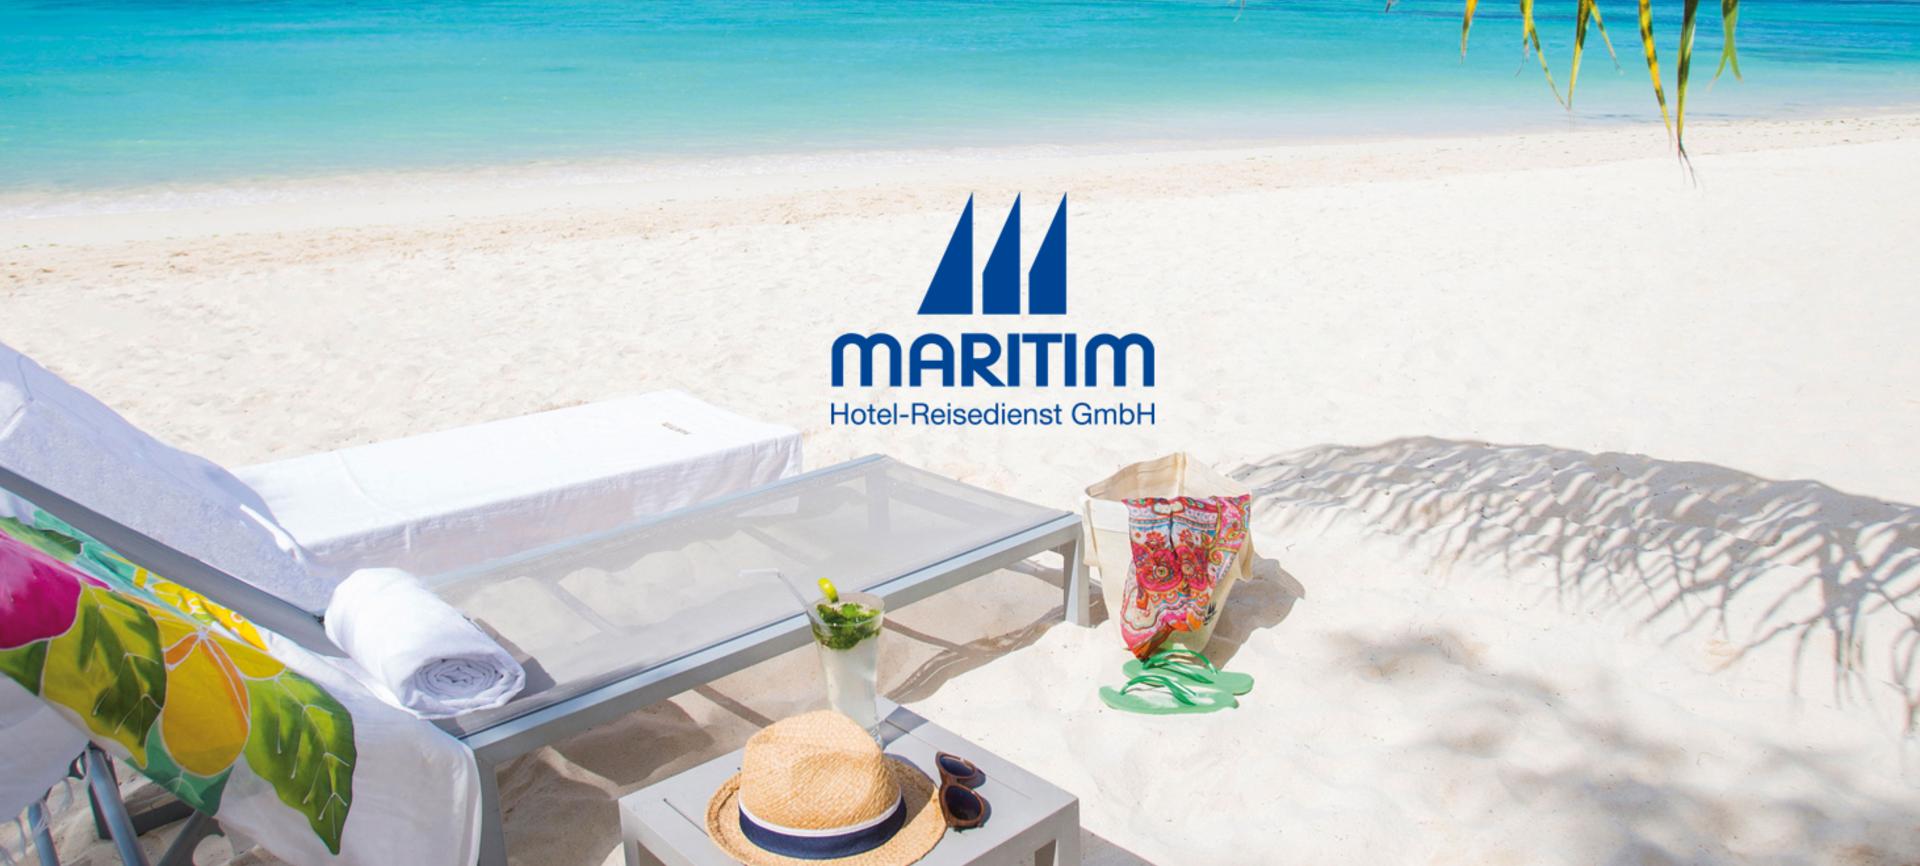 Maritim Hotels im Ausland - Maritim Hotel-Reisedienst ...